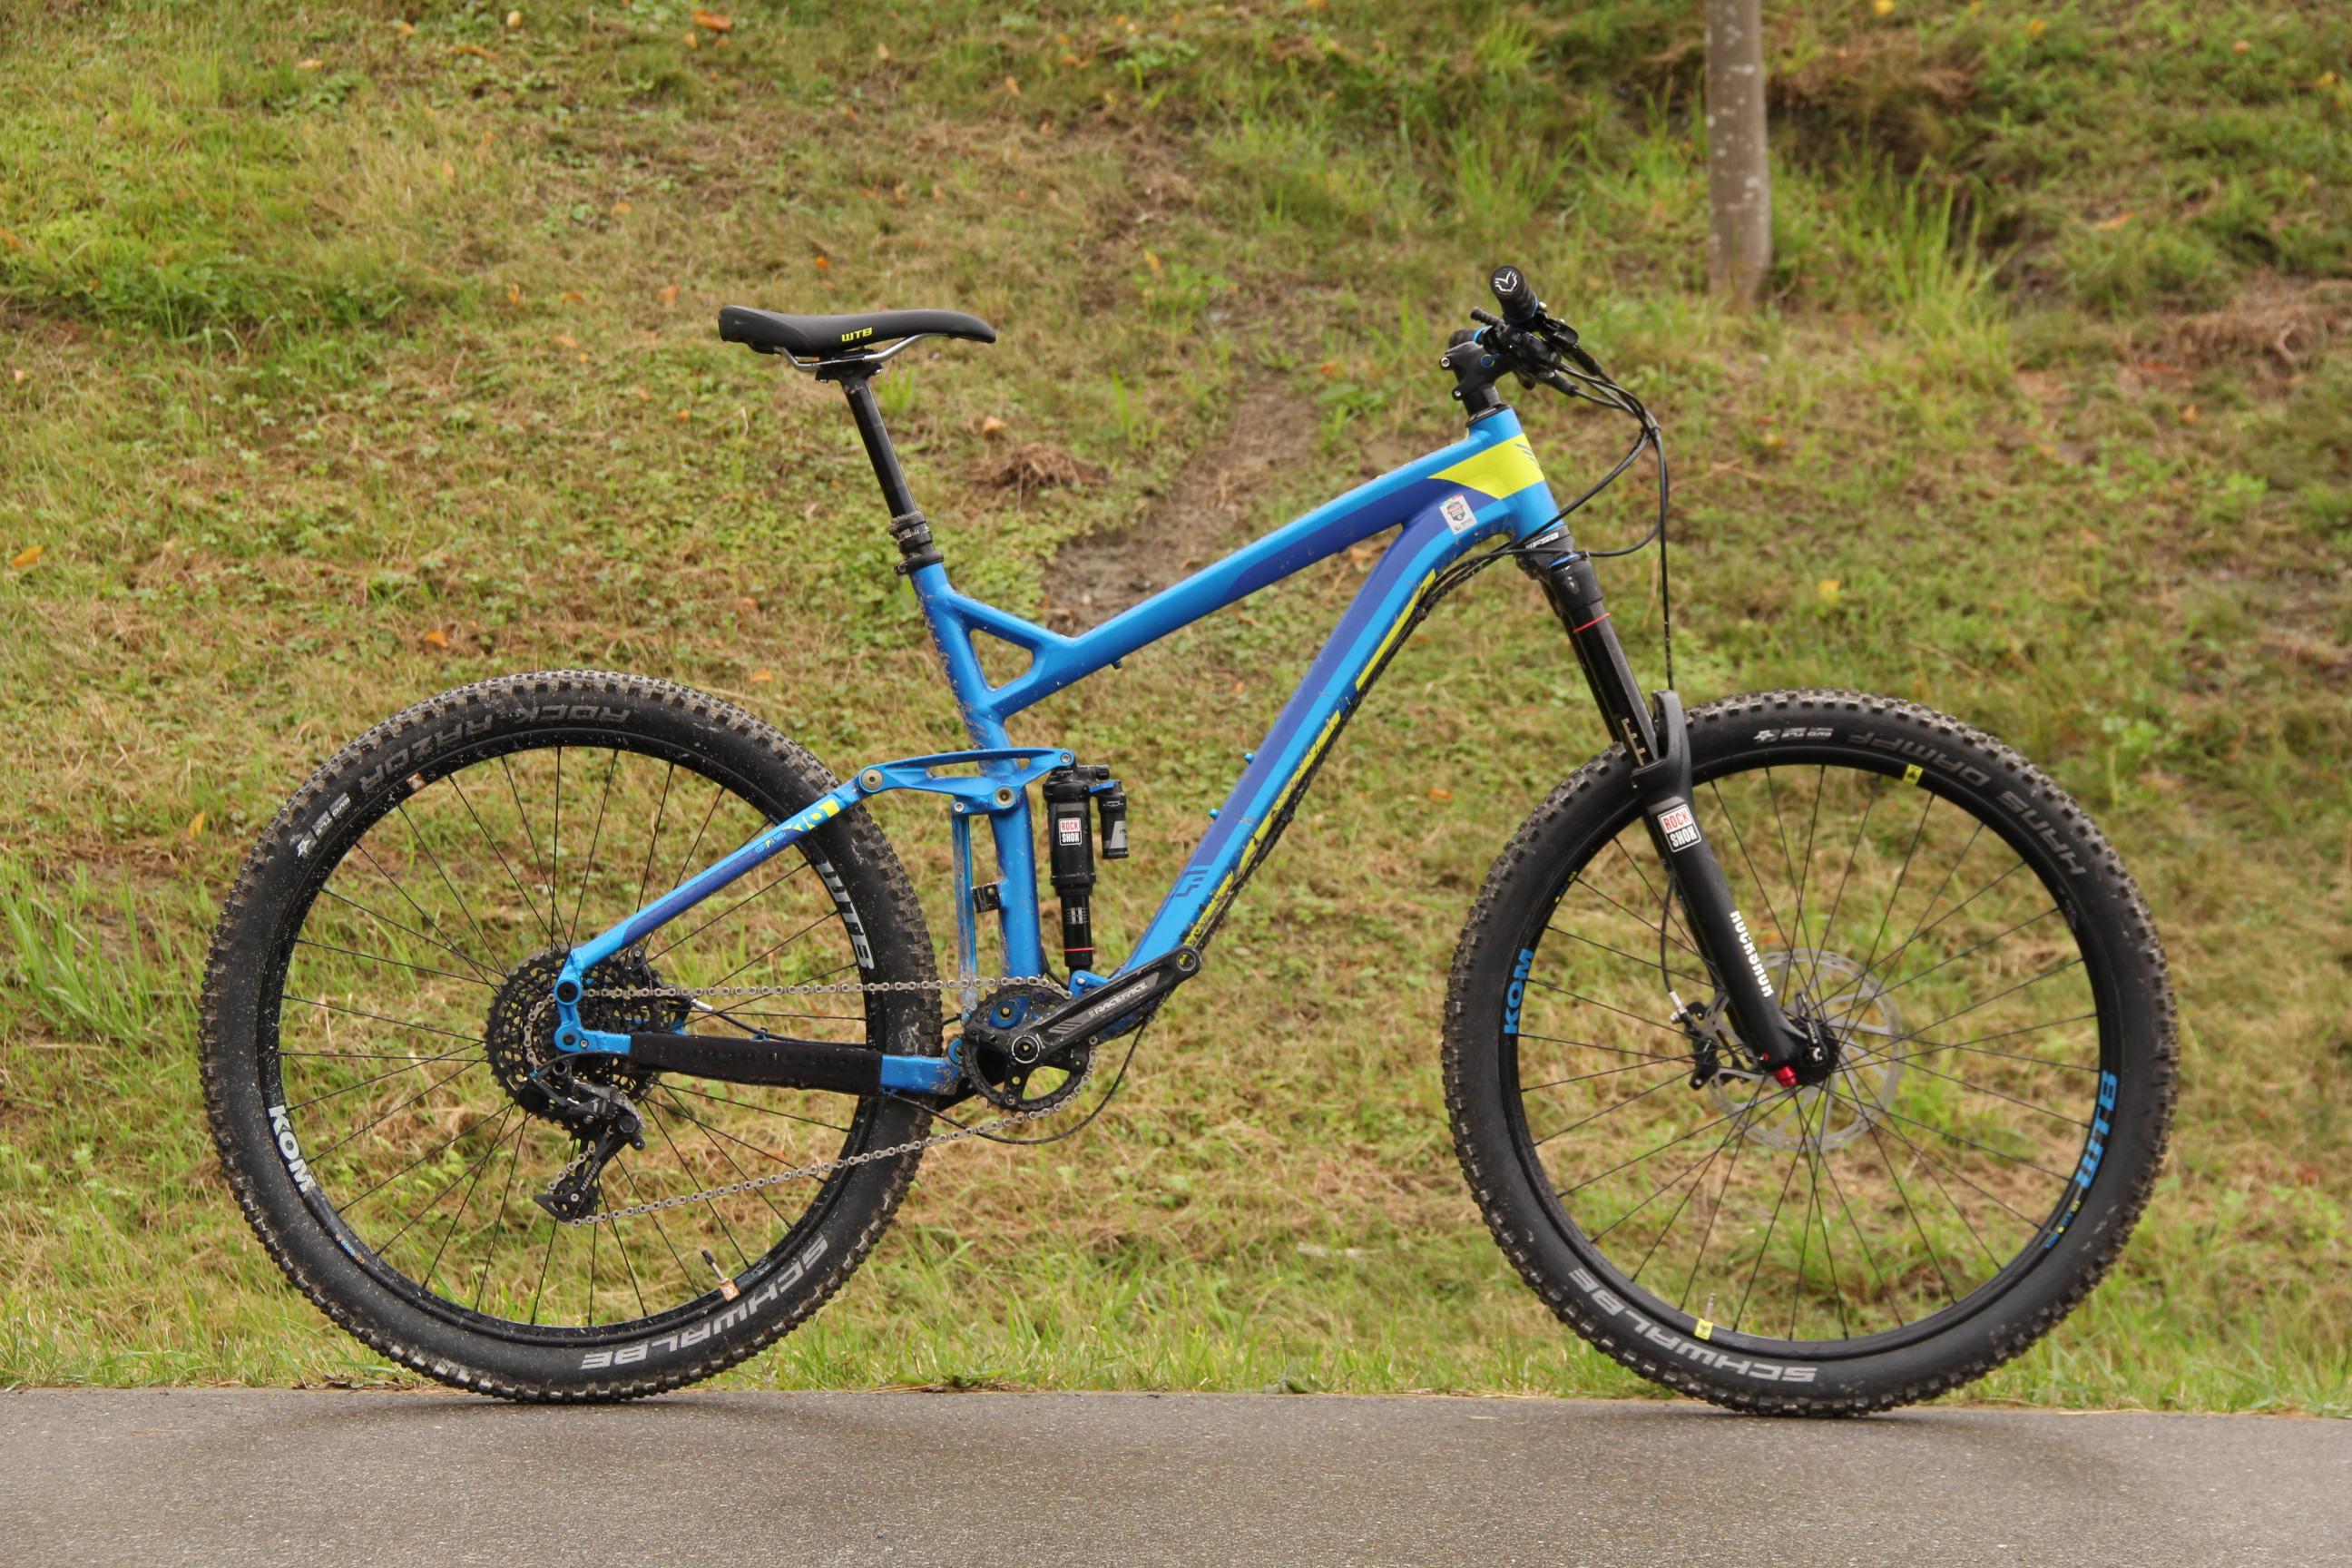 FELTs überarbeitete Version des Enduro-Bikes